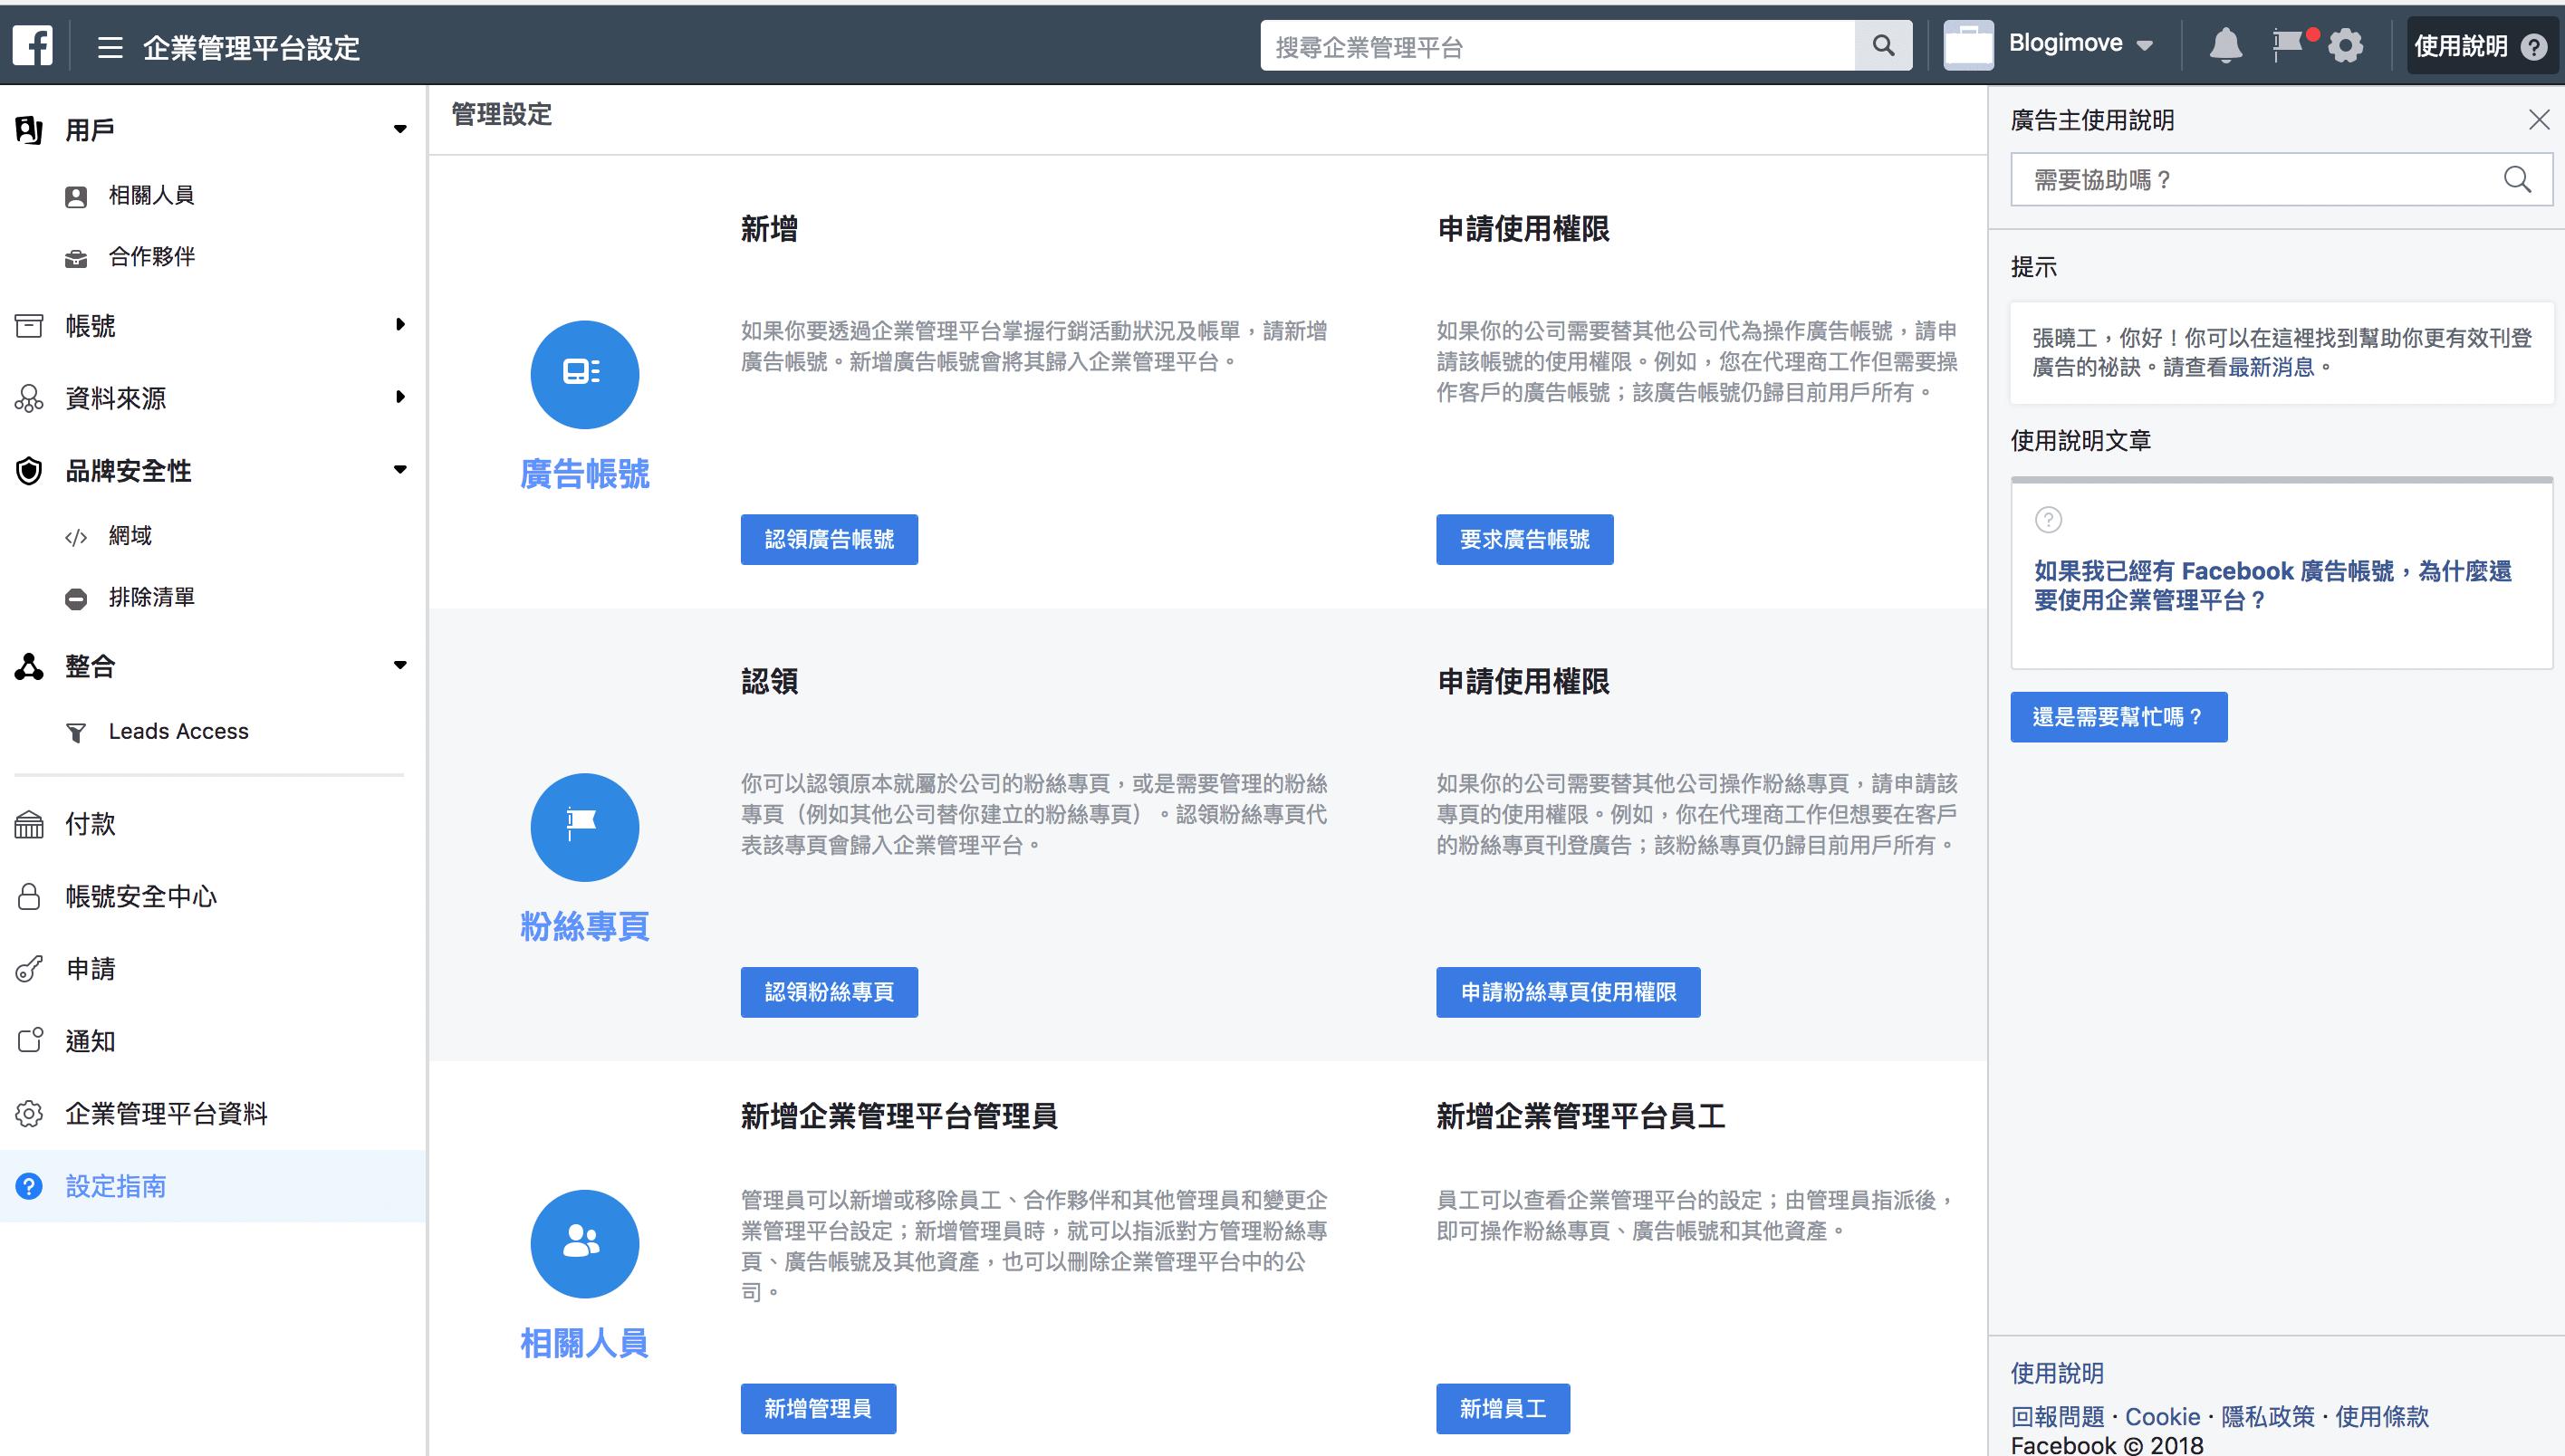 如何使用臉書企業管理平台驗證部落格網域?Facebook驗證部落格網域取得內容及連結的編輯權限。 @Blog-i-Move